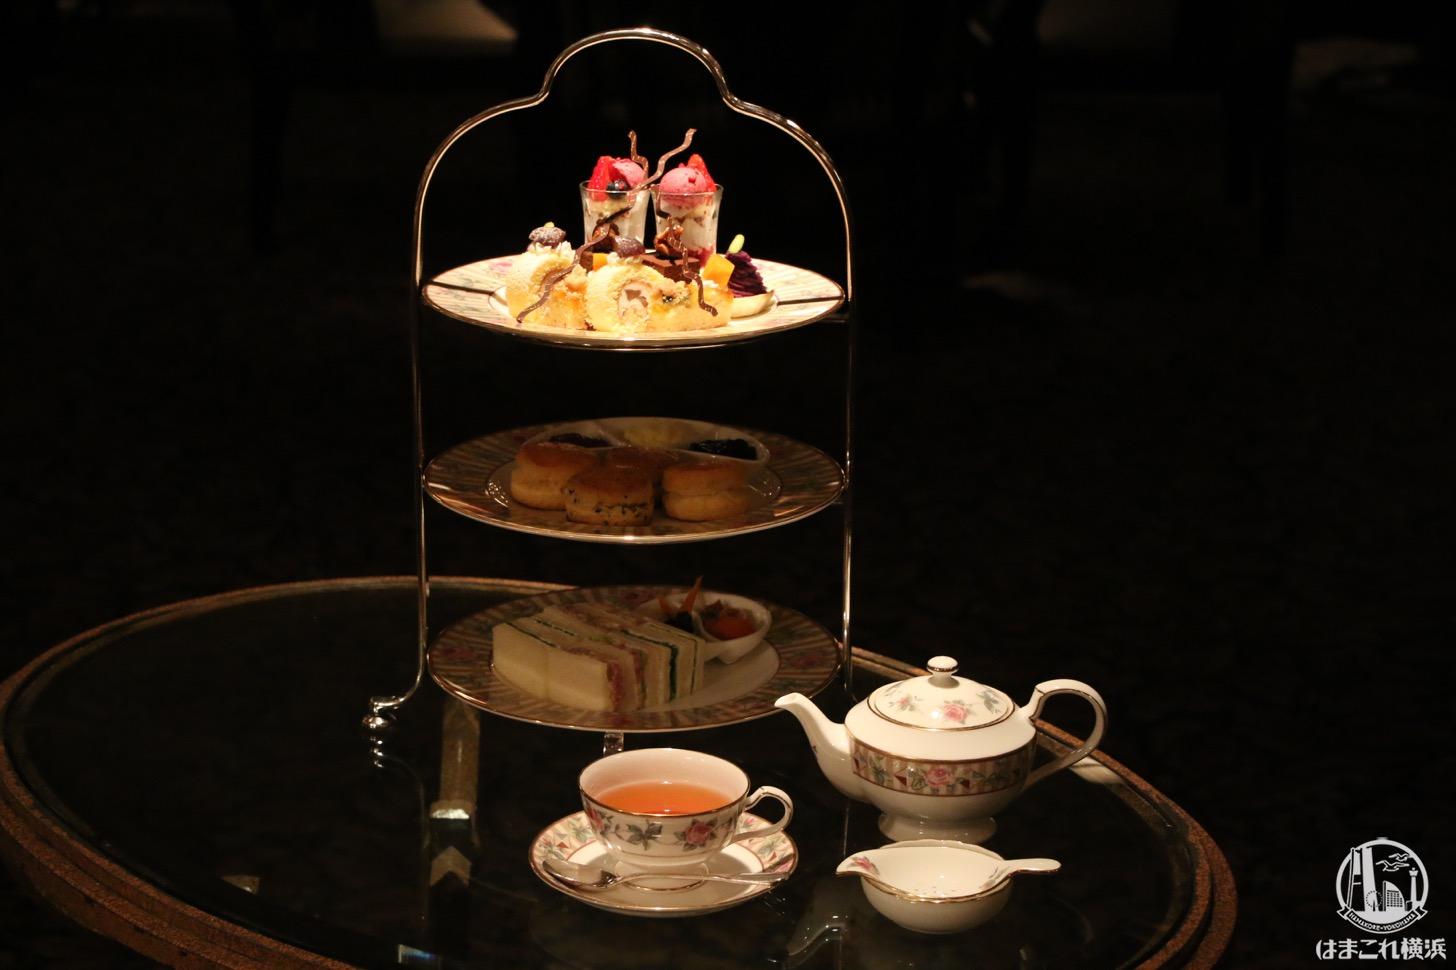 ロイヤル アスコットでクラシカルなアフタヌーンティー!横浜ロイヤルパークホテル